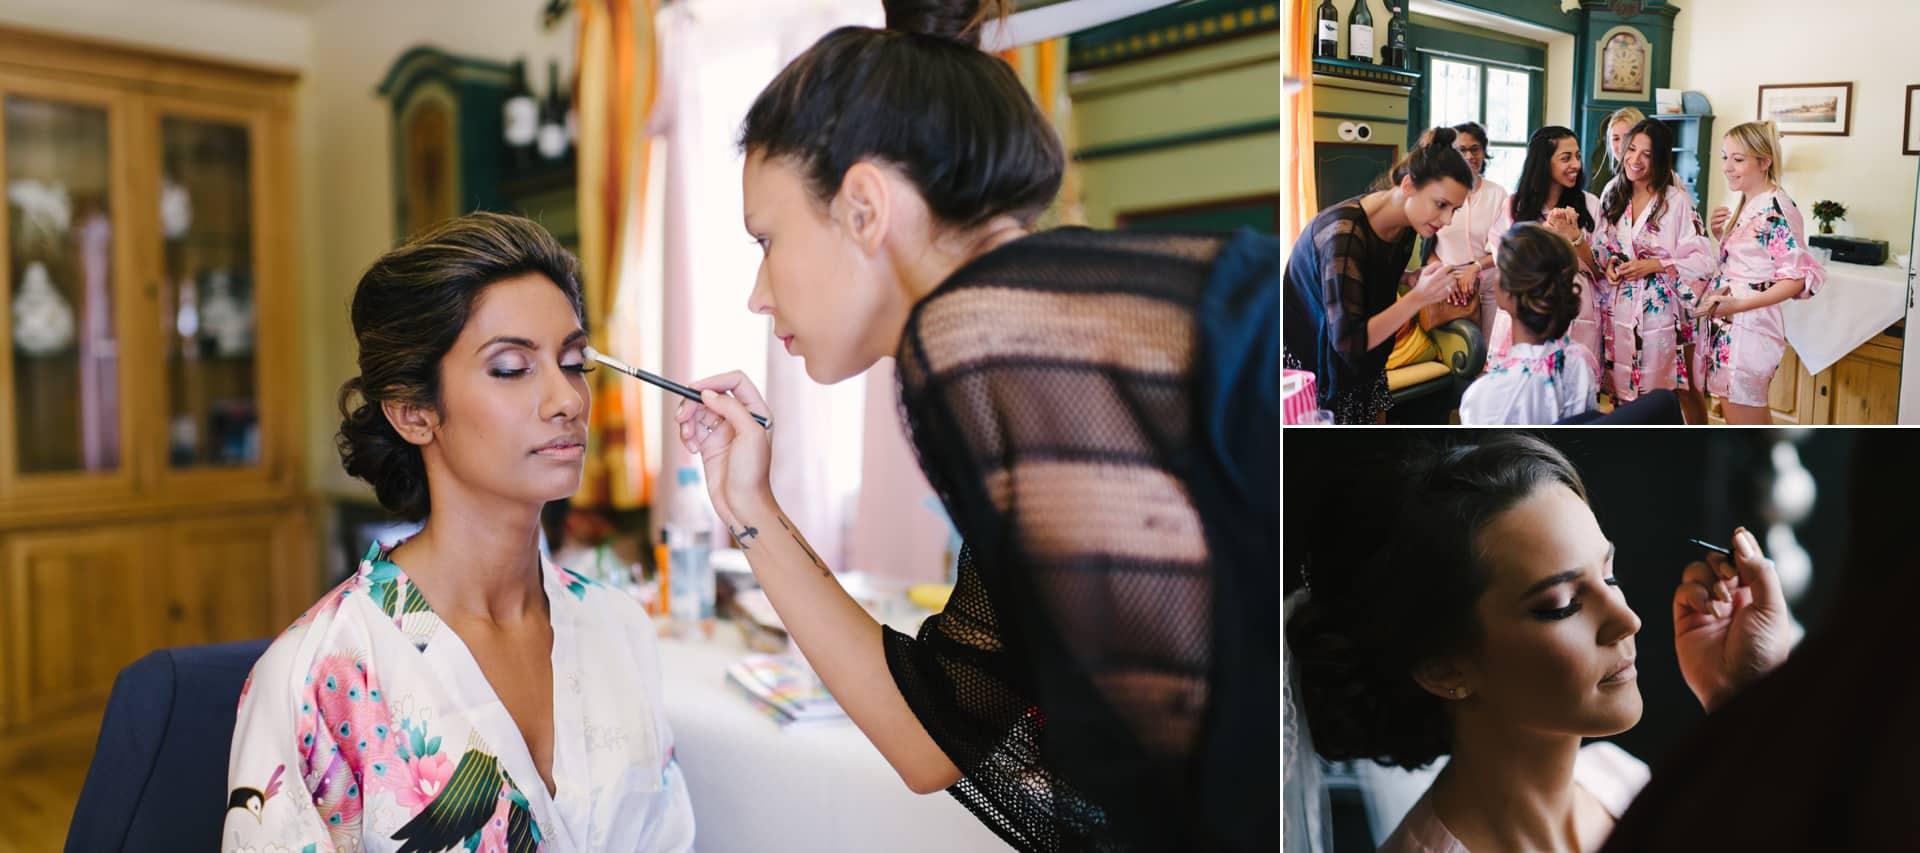 Eine Stylistin schminkt gerade die Braut, das würde ich immer beim Getting Ready empfehlen.